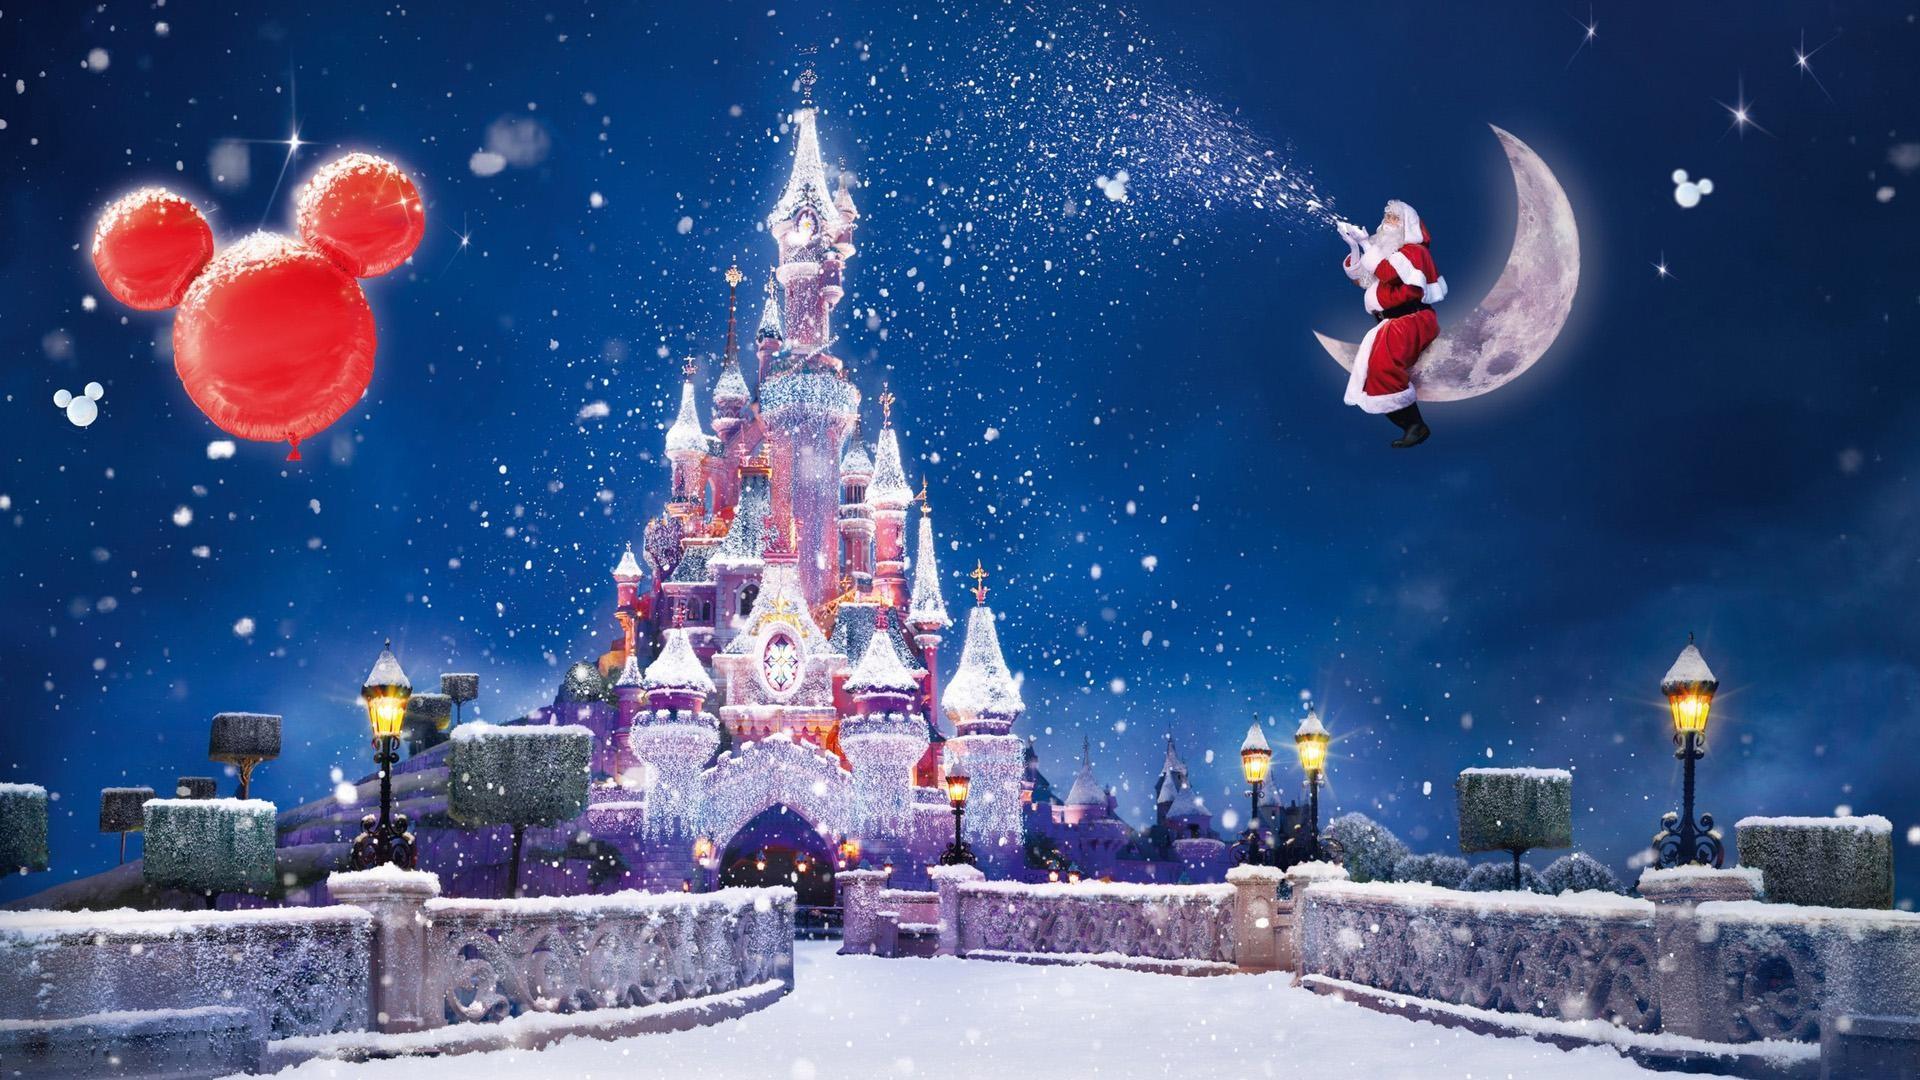 Christmas Hd Wallpapers 1080p.